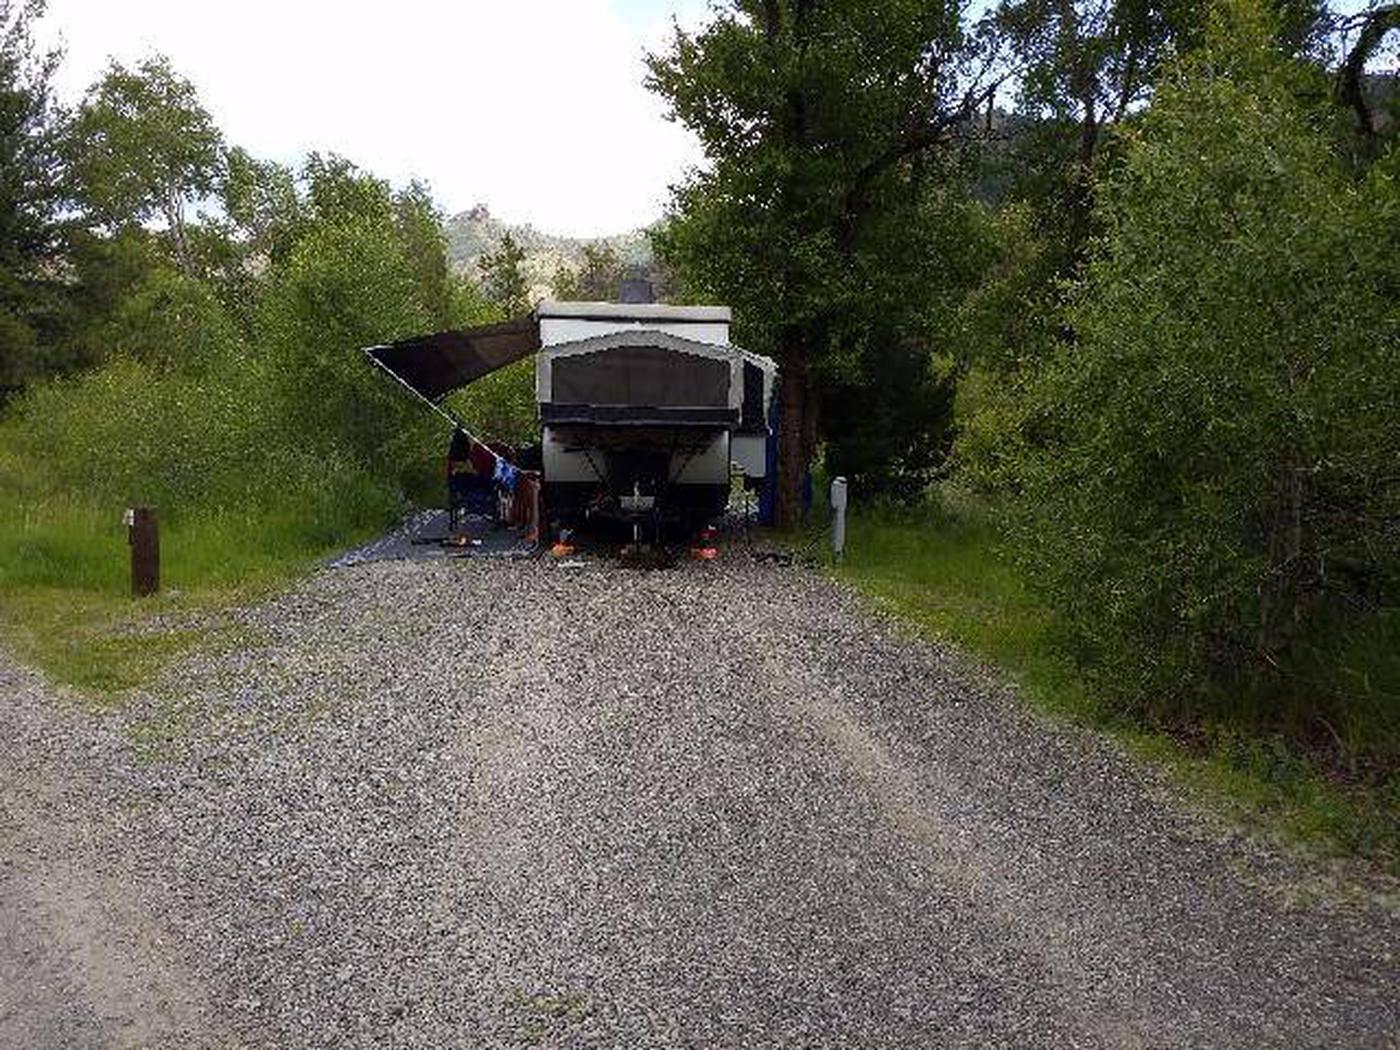 Wapiti Campsite 11 - Parking Area with RV